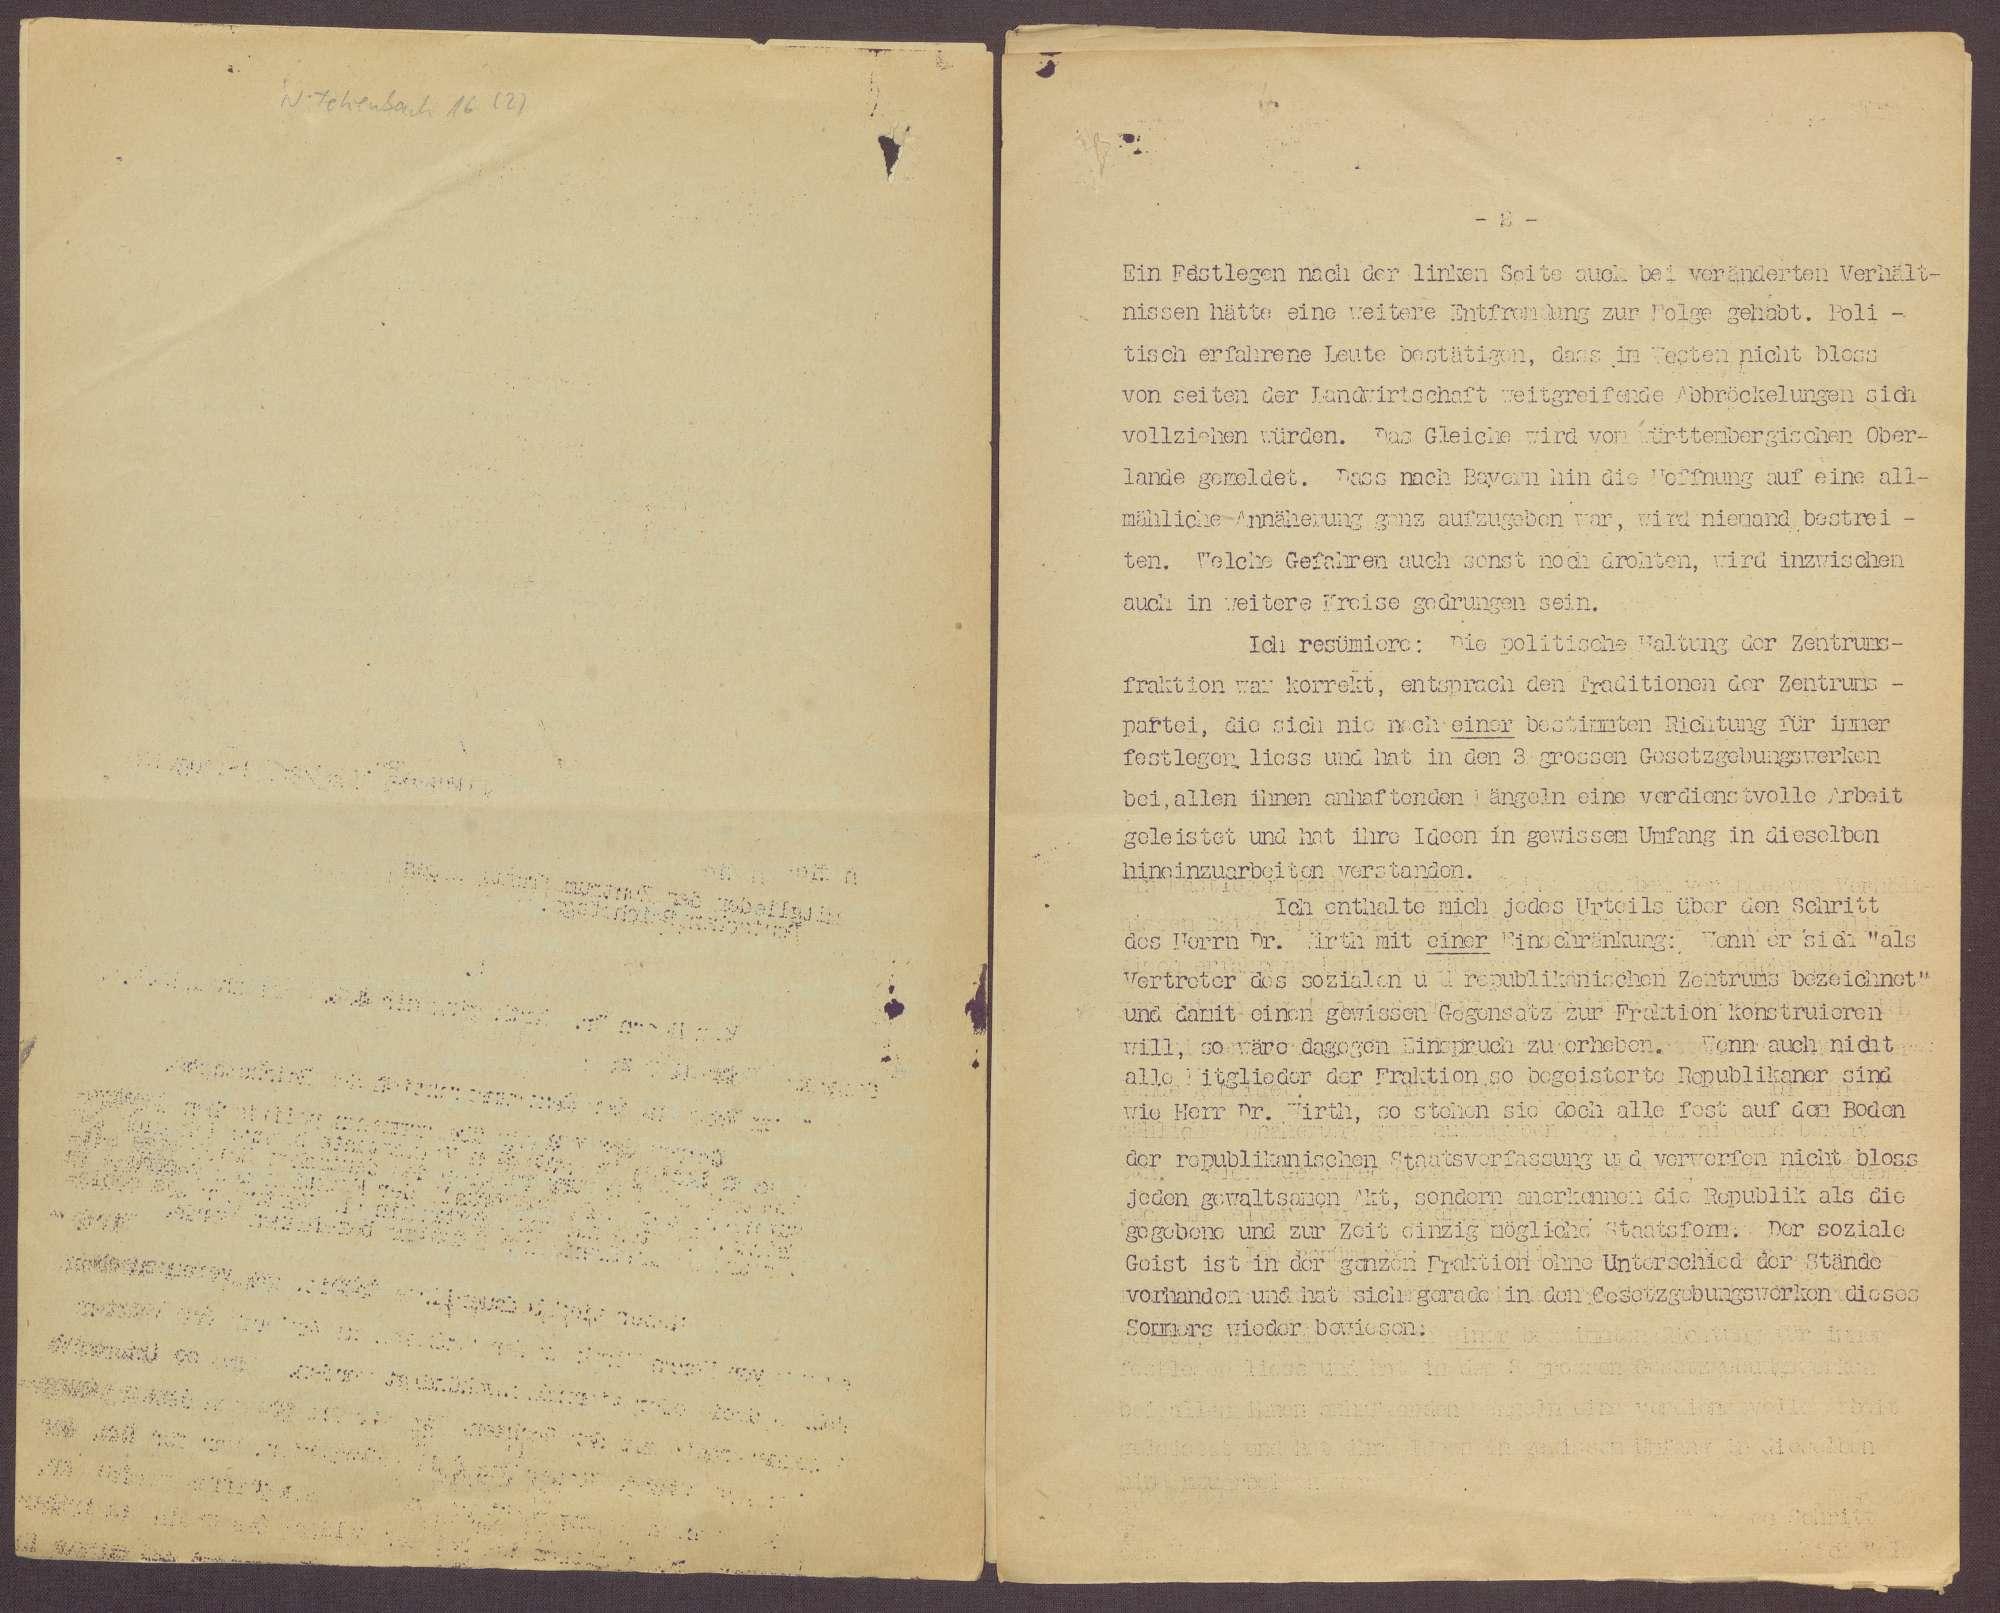 Fraktionsaustritt von Joseph Wirth und Zollvorlage der Regierung, Bild 3